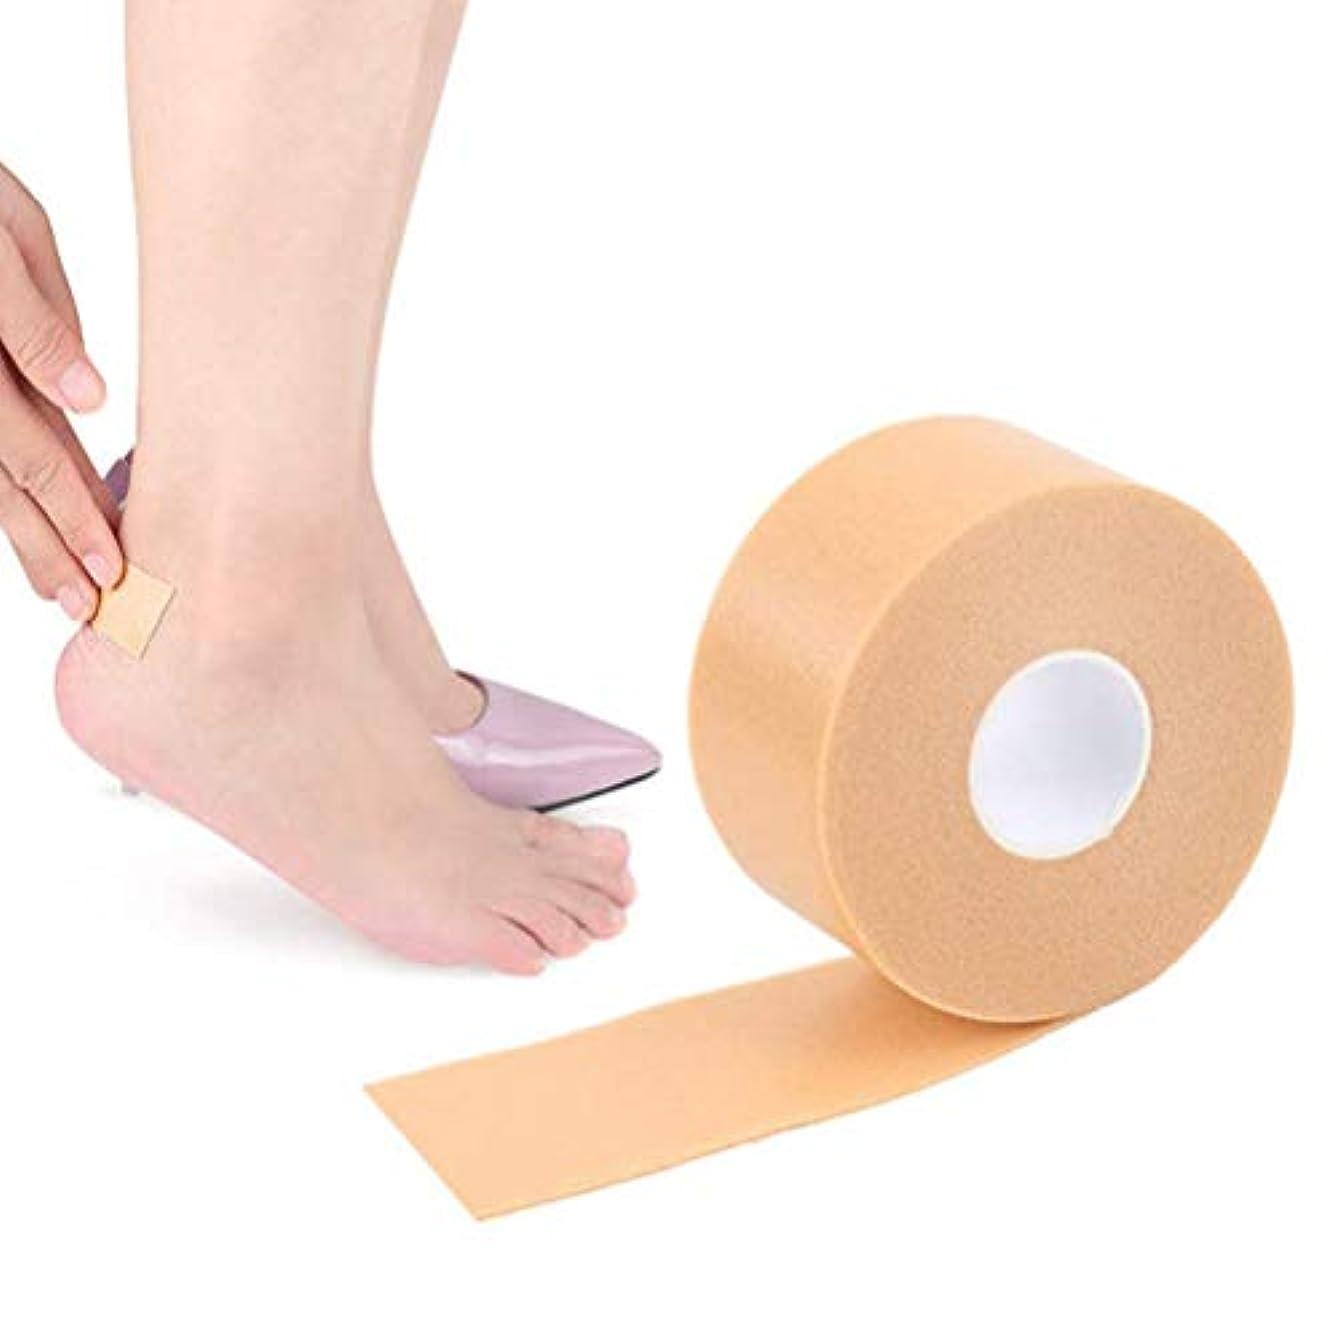 パーティション切り離す溶かす有用なシリコーンジェルヒールクッションプロテクターフット足のケア靴インサートパッドインソール